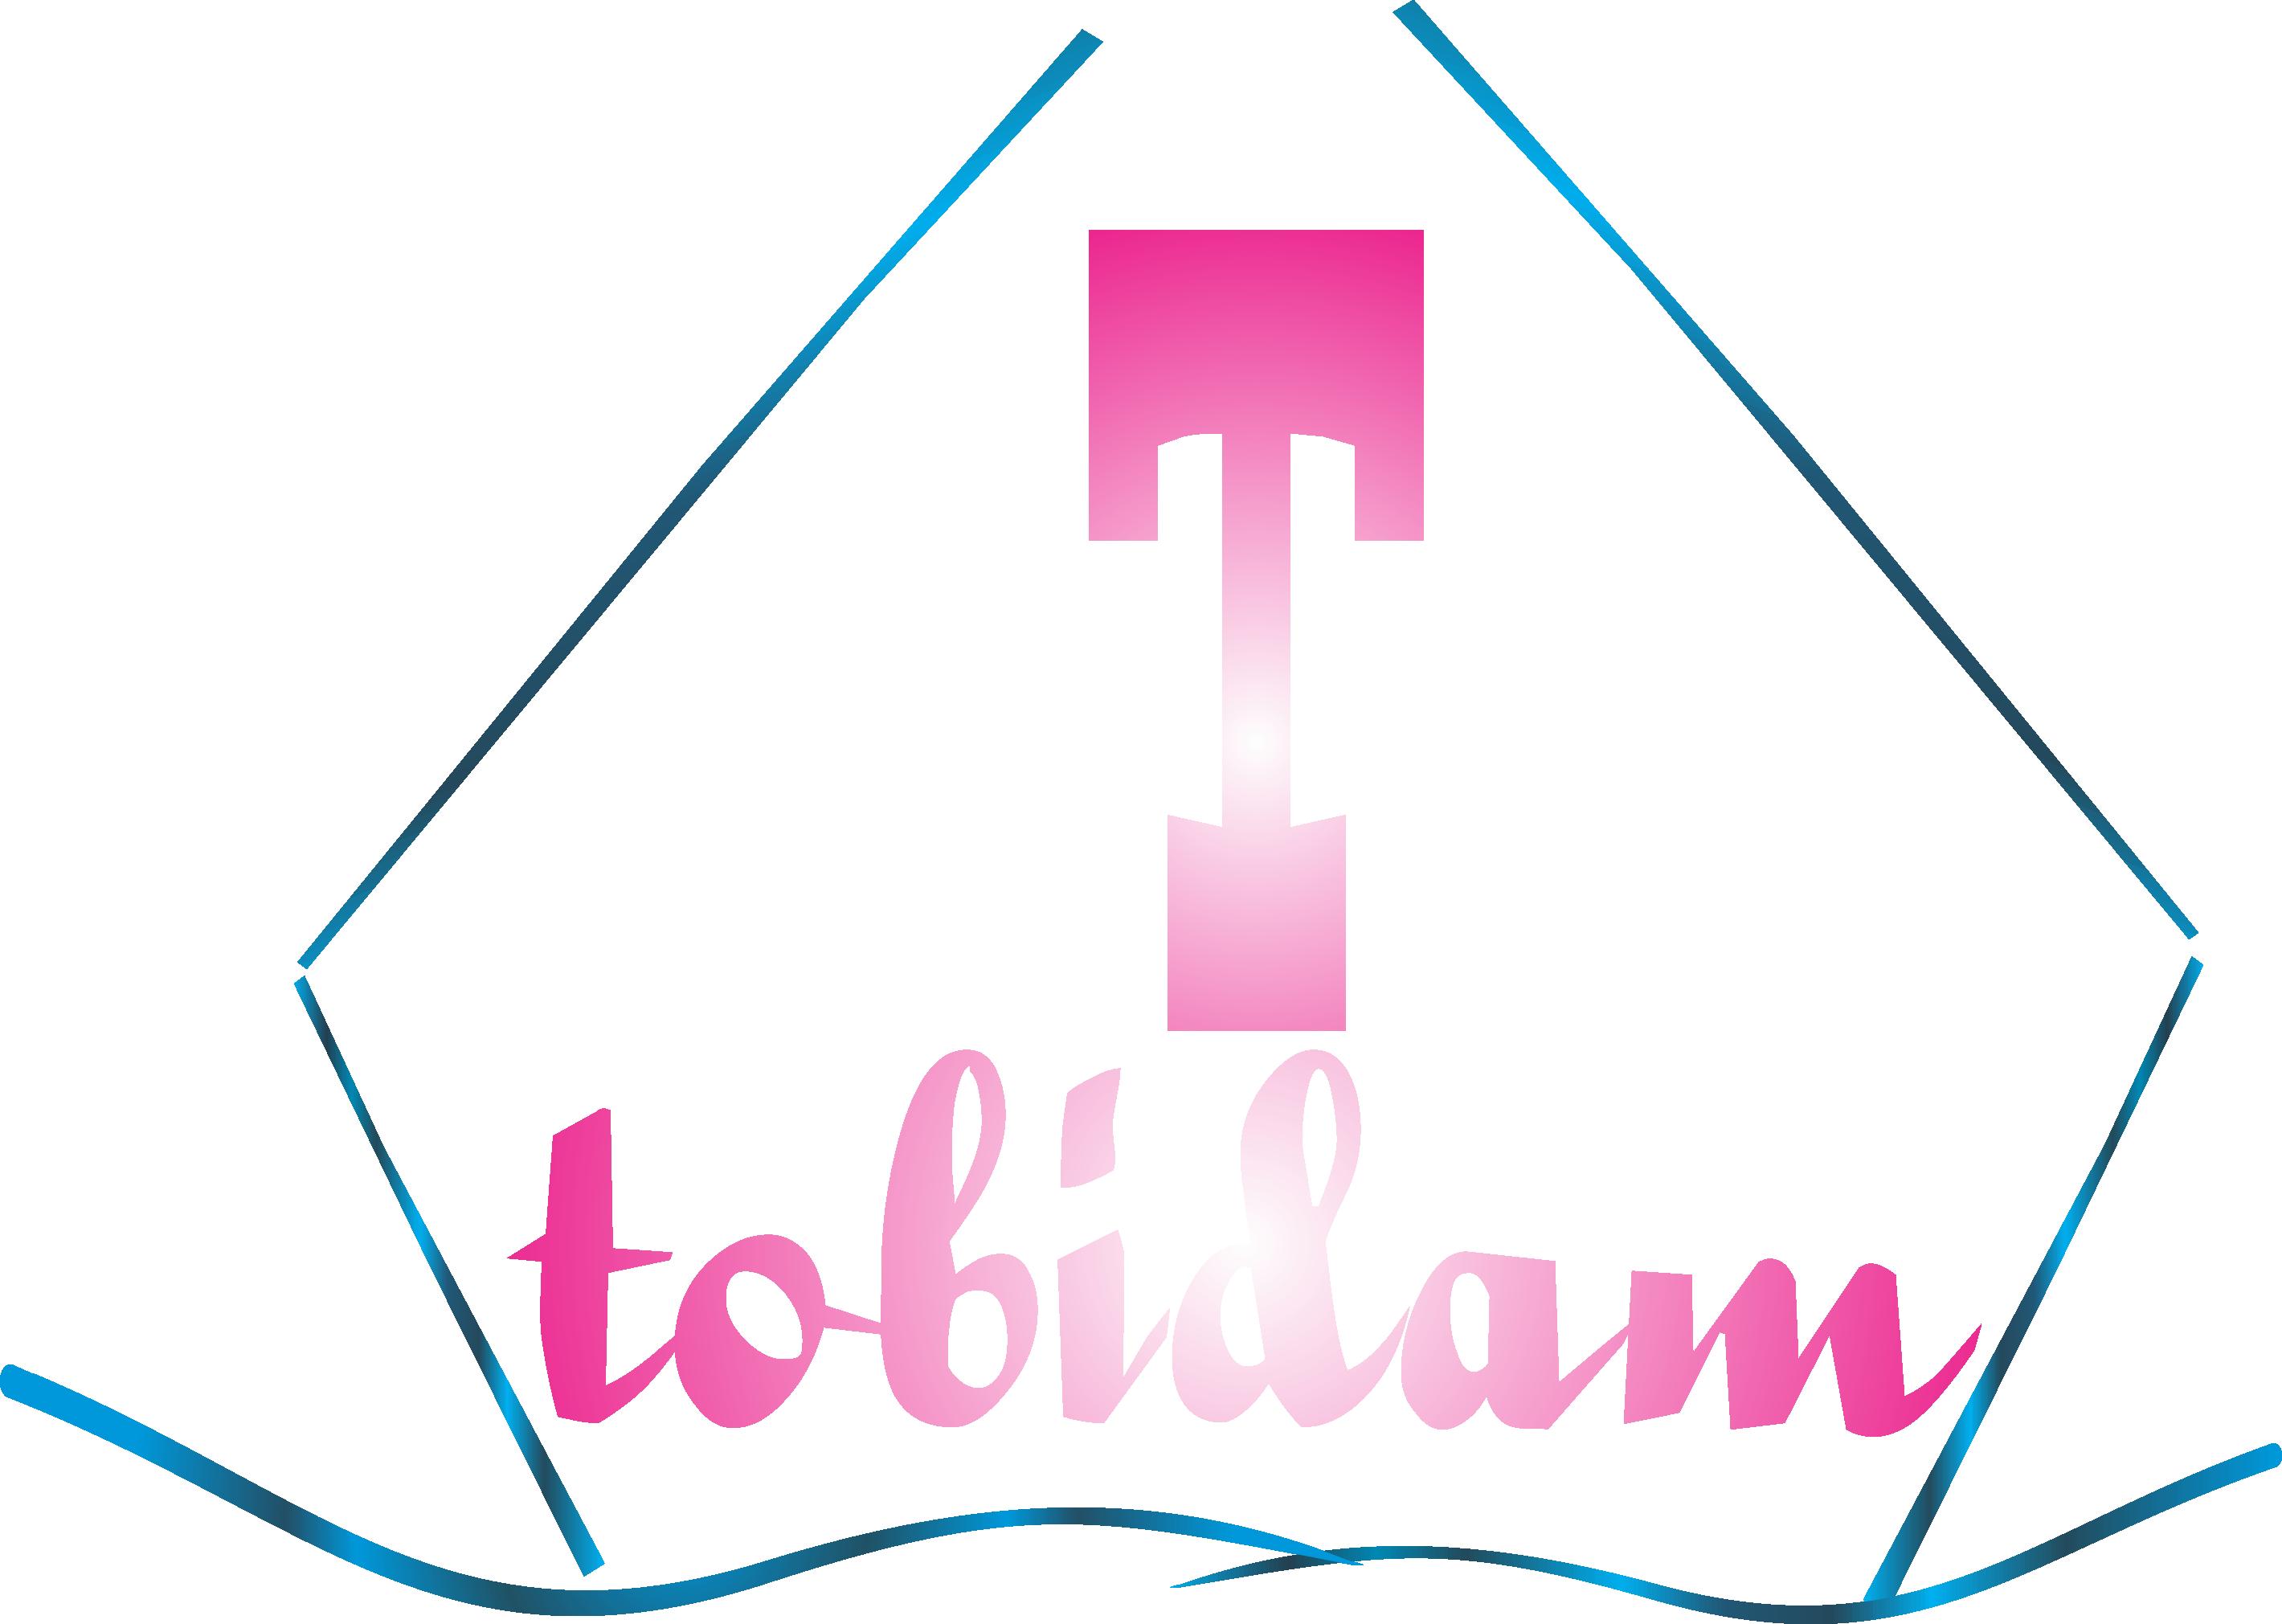 Tobidam